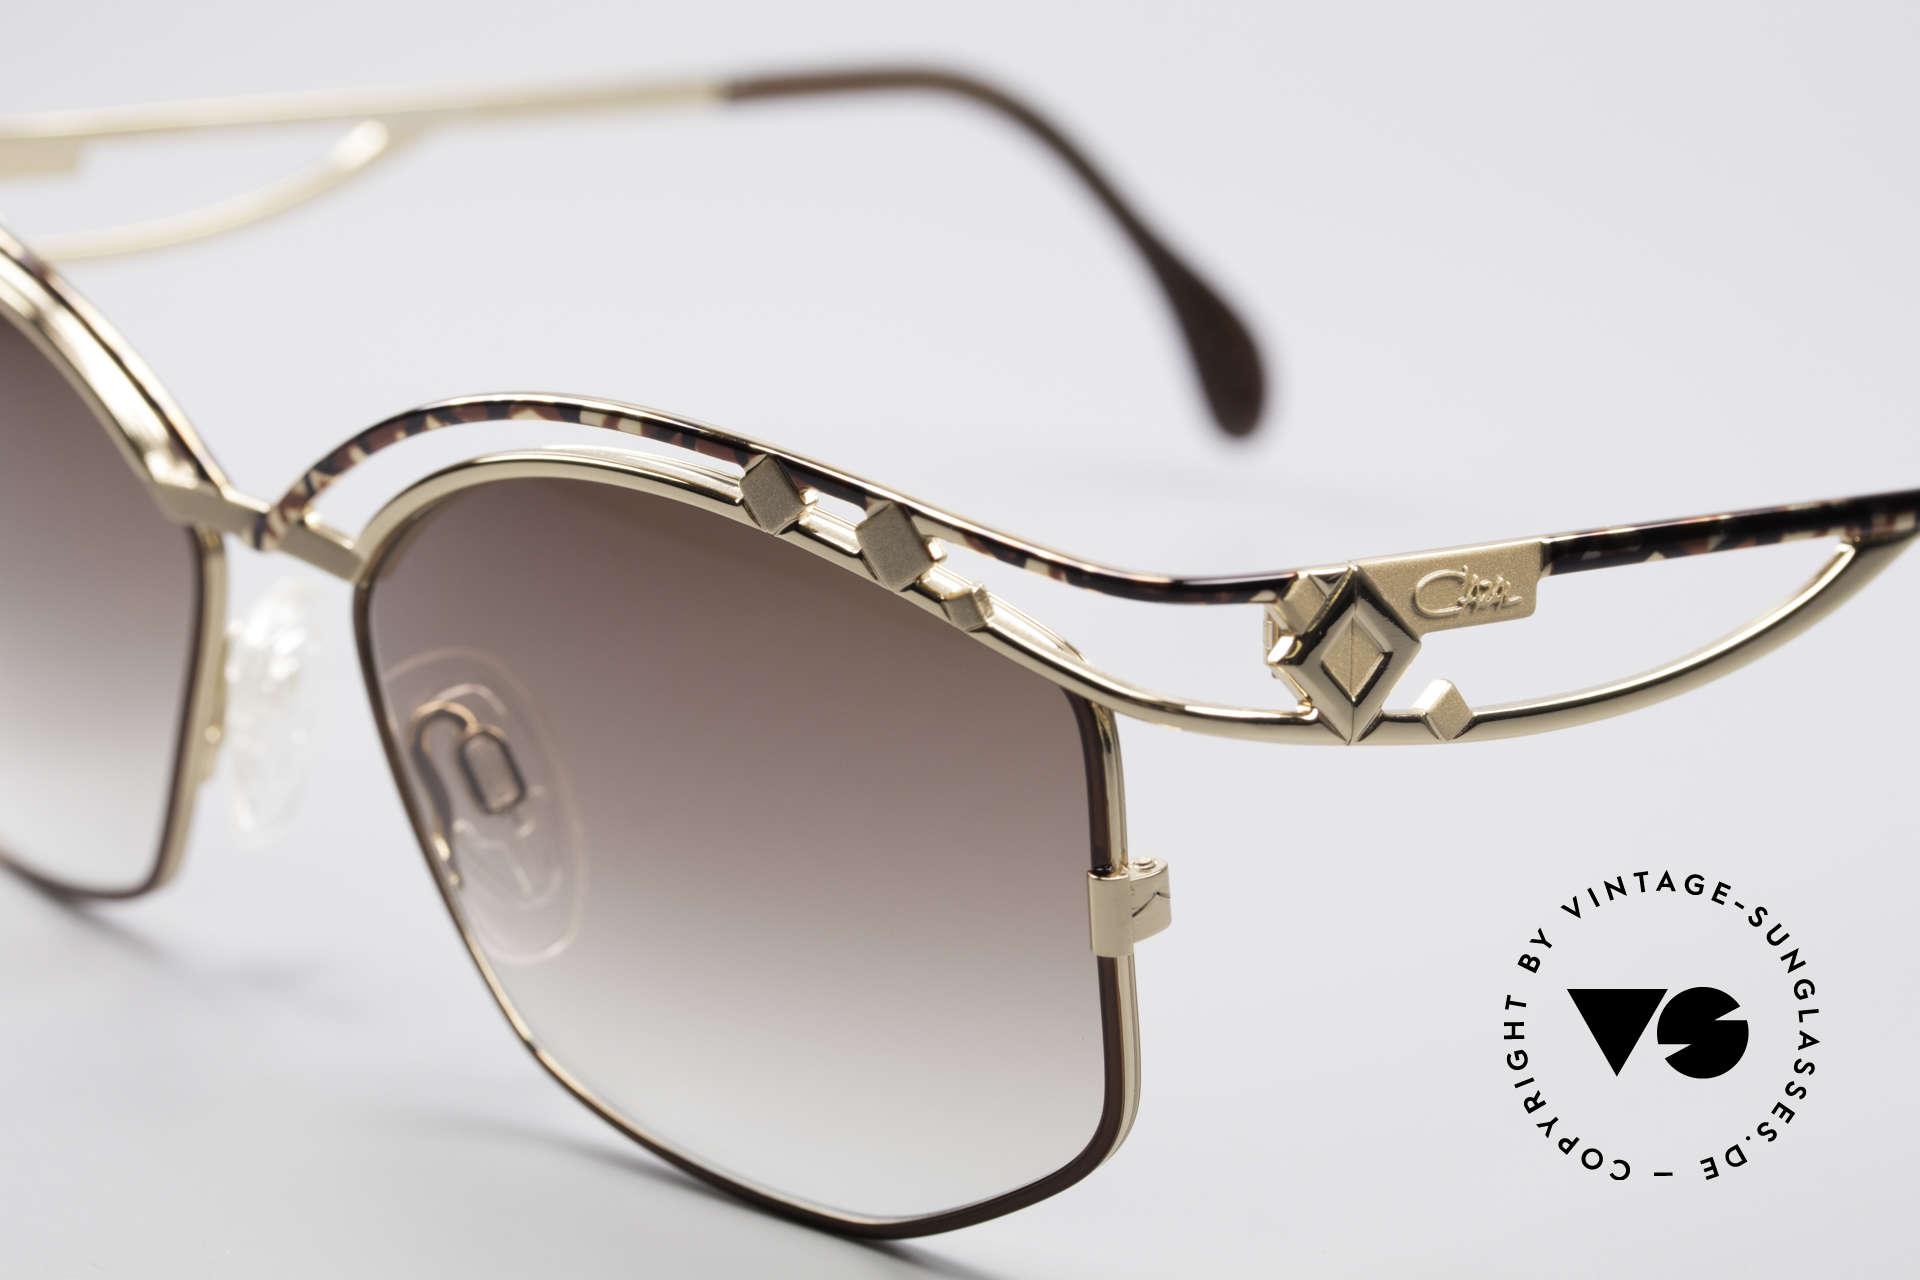 Cazal 280 Designer Damen Sonnenbrille, ein wahrer Hingucker in herausragender Qualität, Passend für Damen